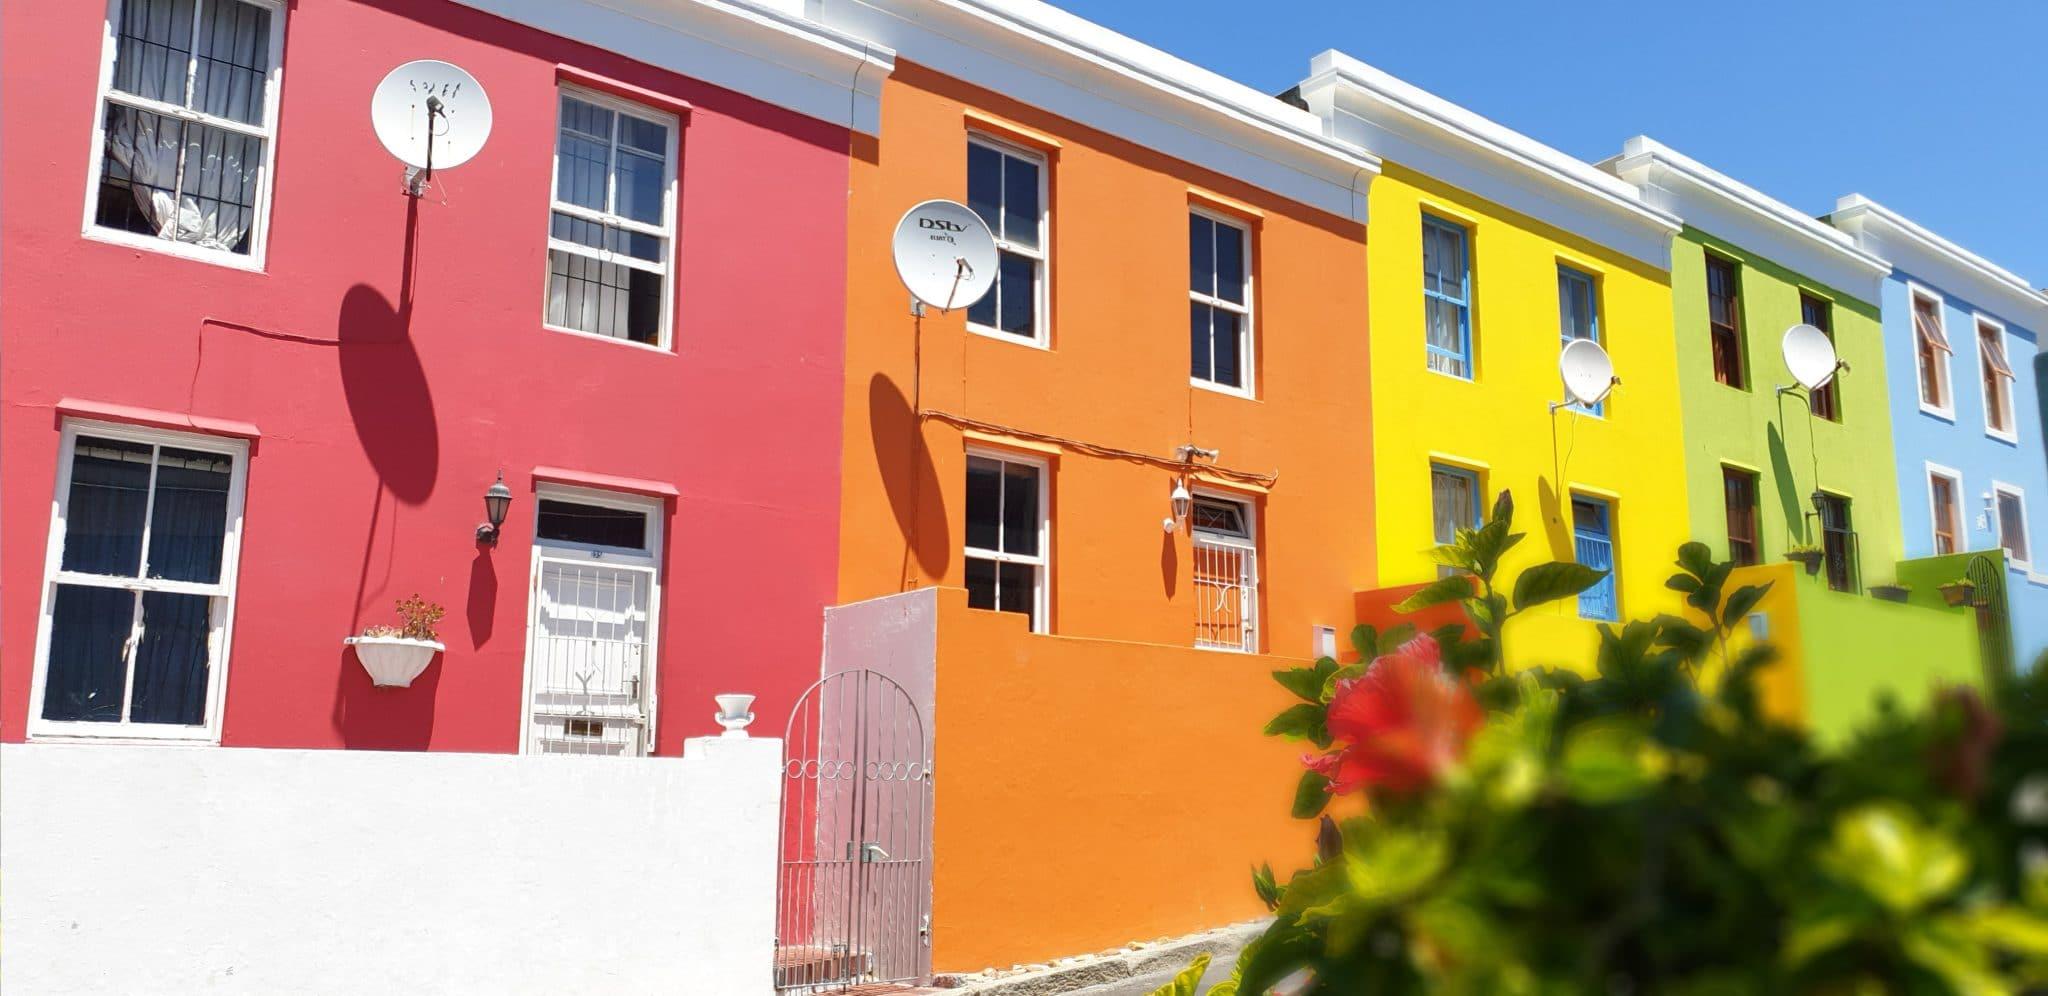 maisons colorées du quartier de bo-kaap carnet de voyage capetown